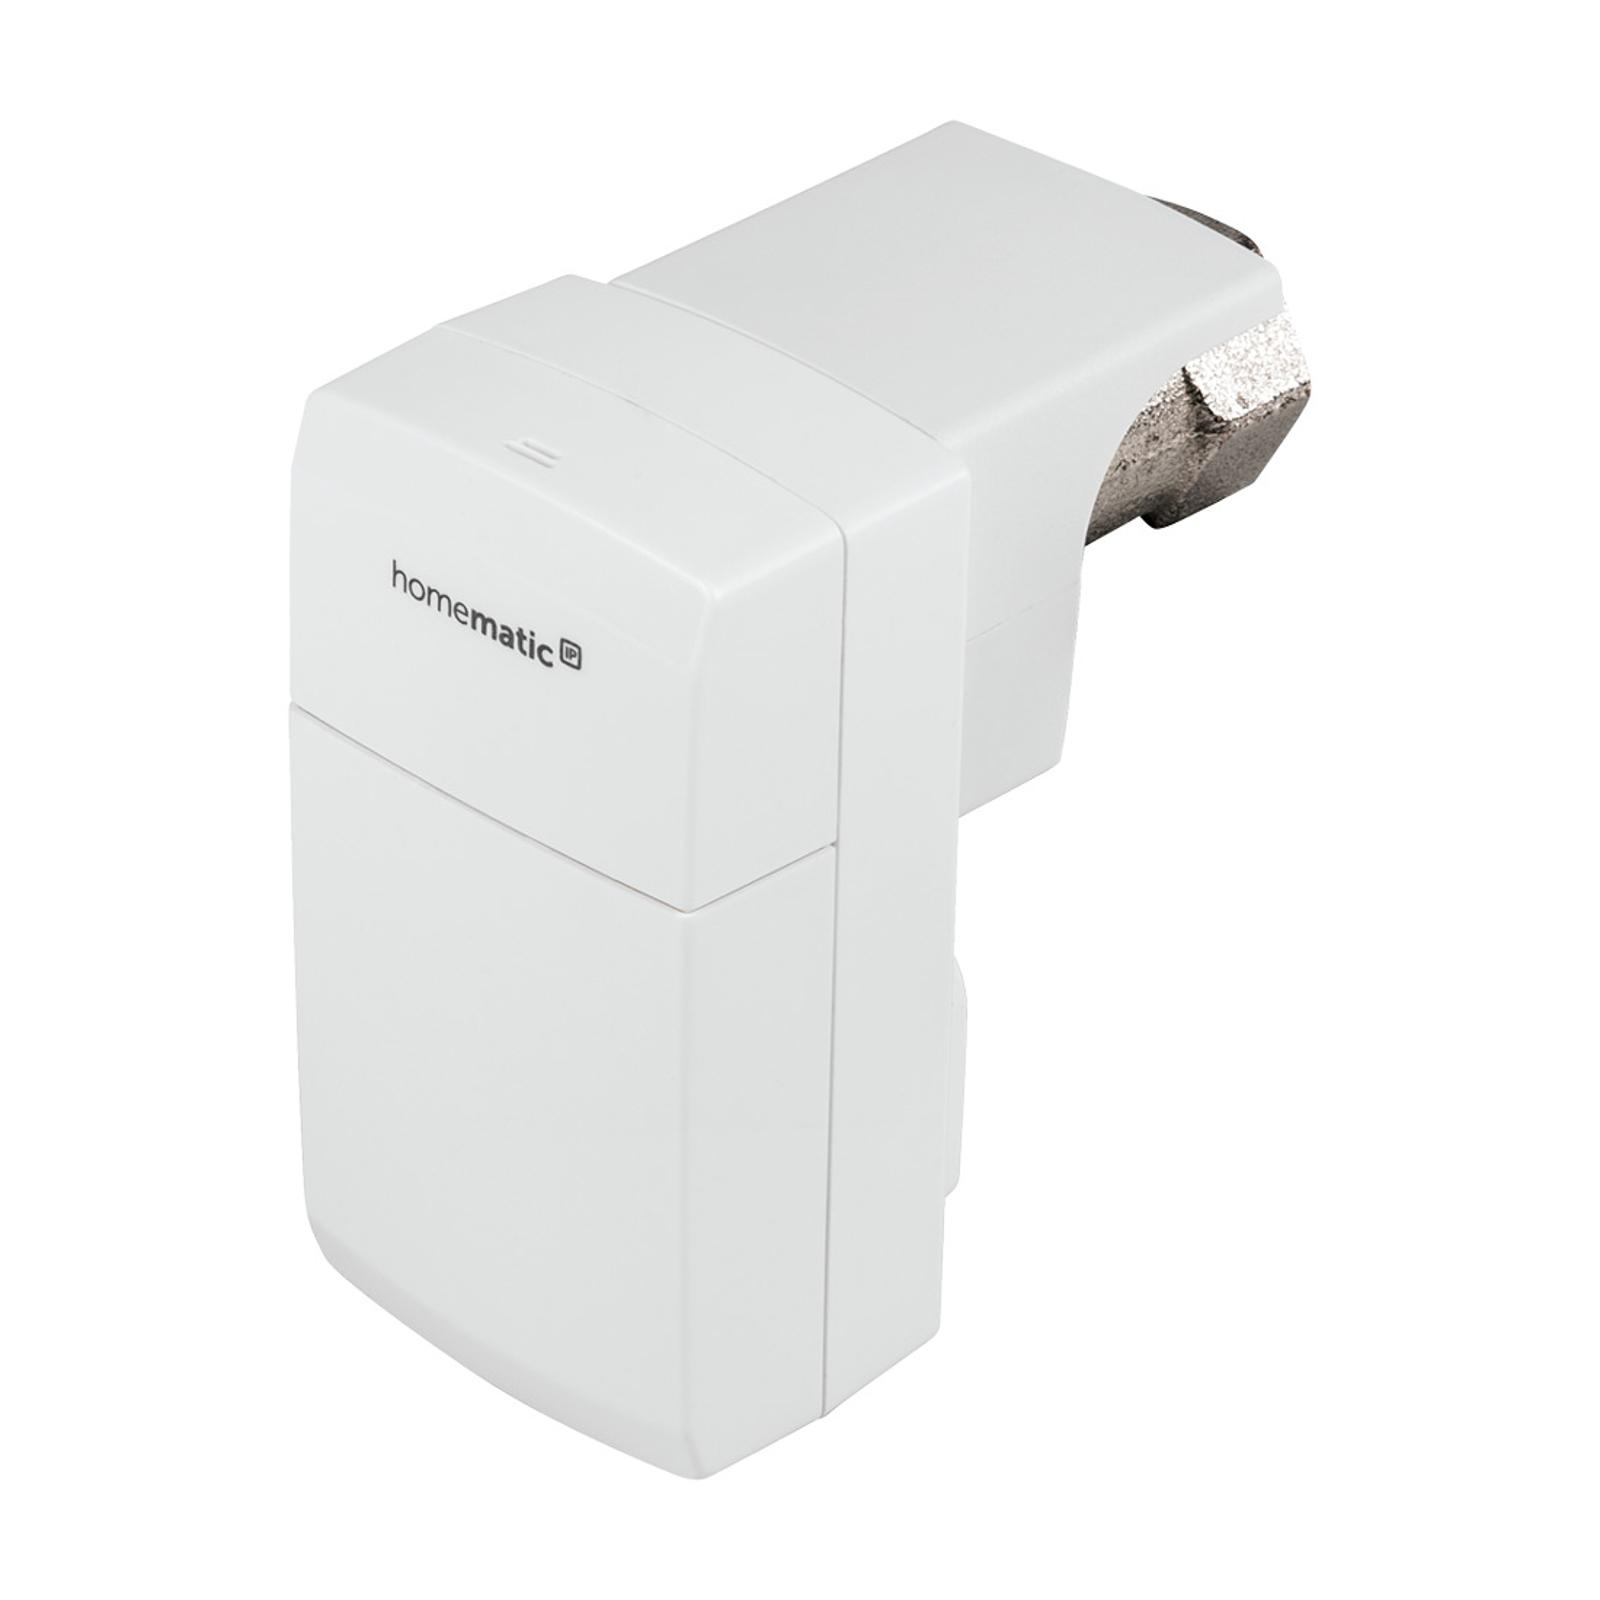 Homematic IP ochrona przed demontażem termostat 5x